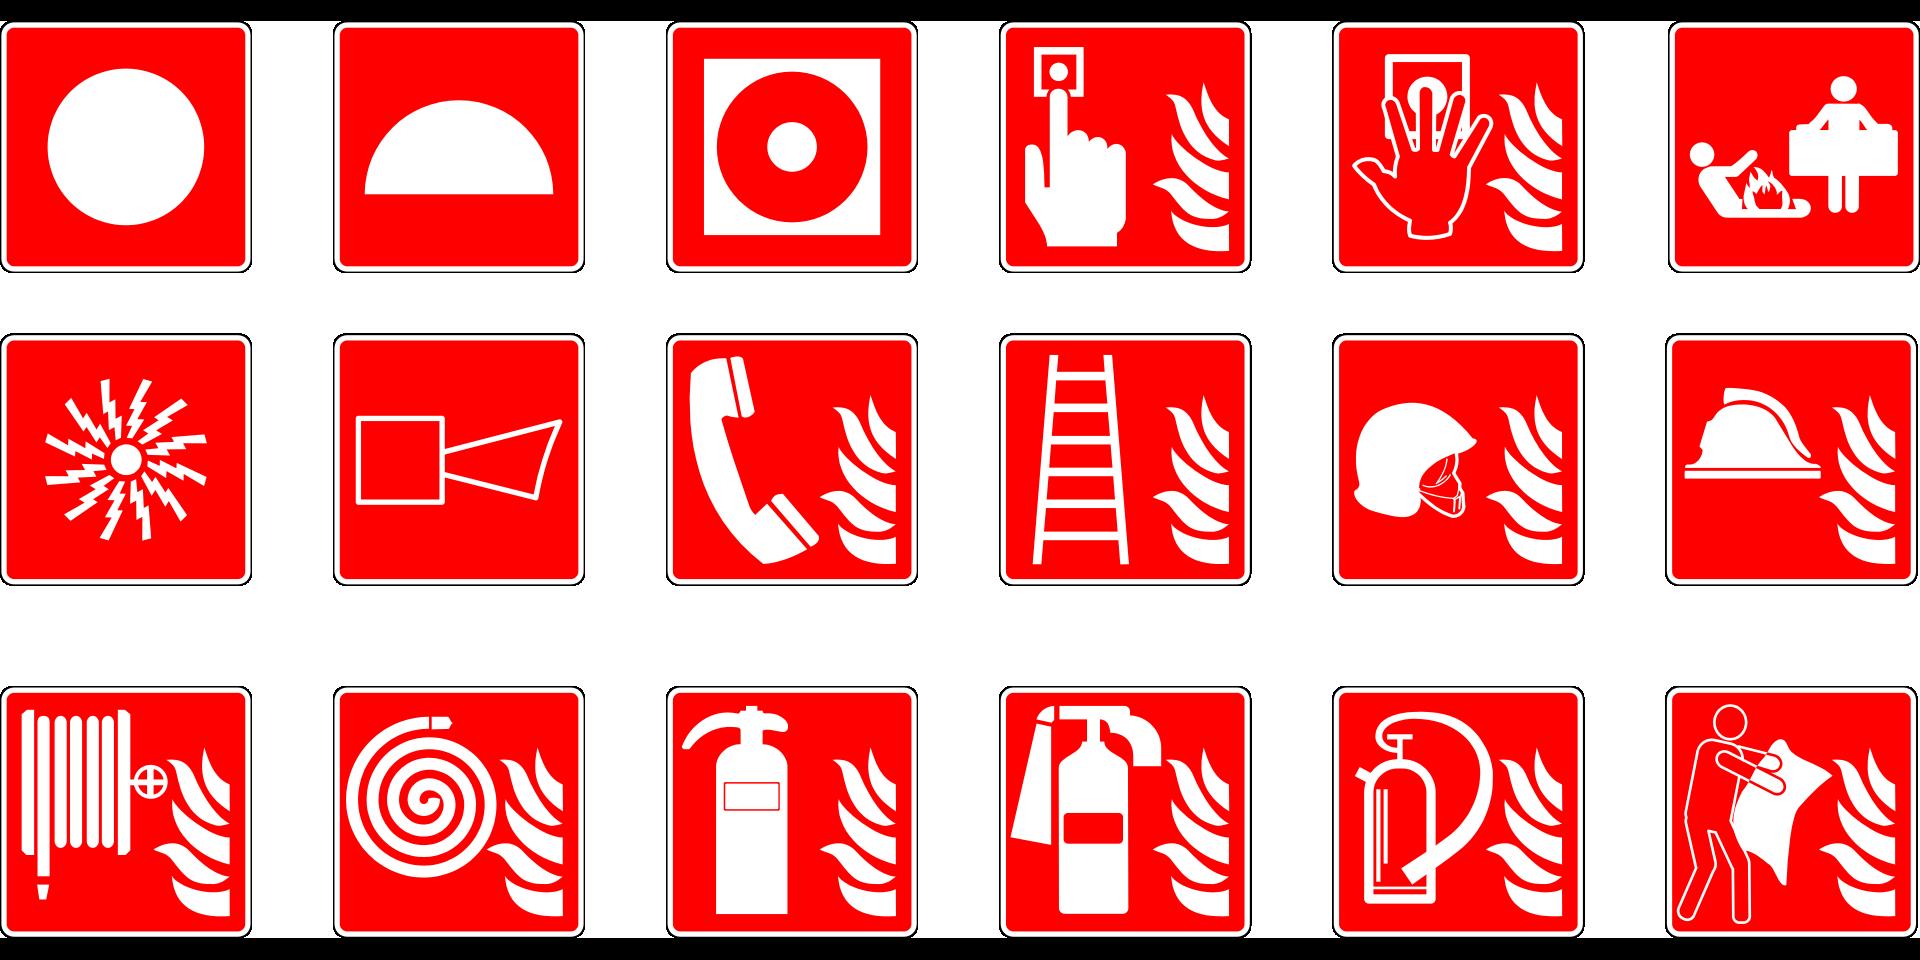 Tienda de extintores, BIE, señales luminiscentes, detectores y demás sistemas contra incendios